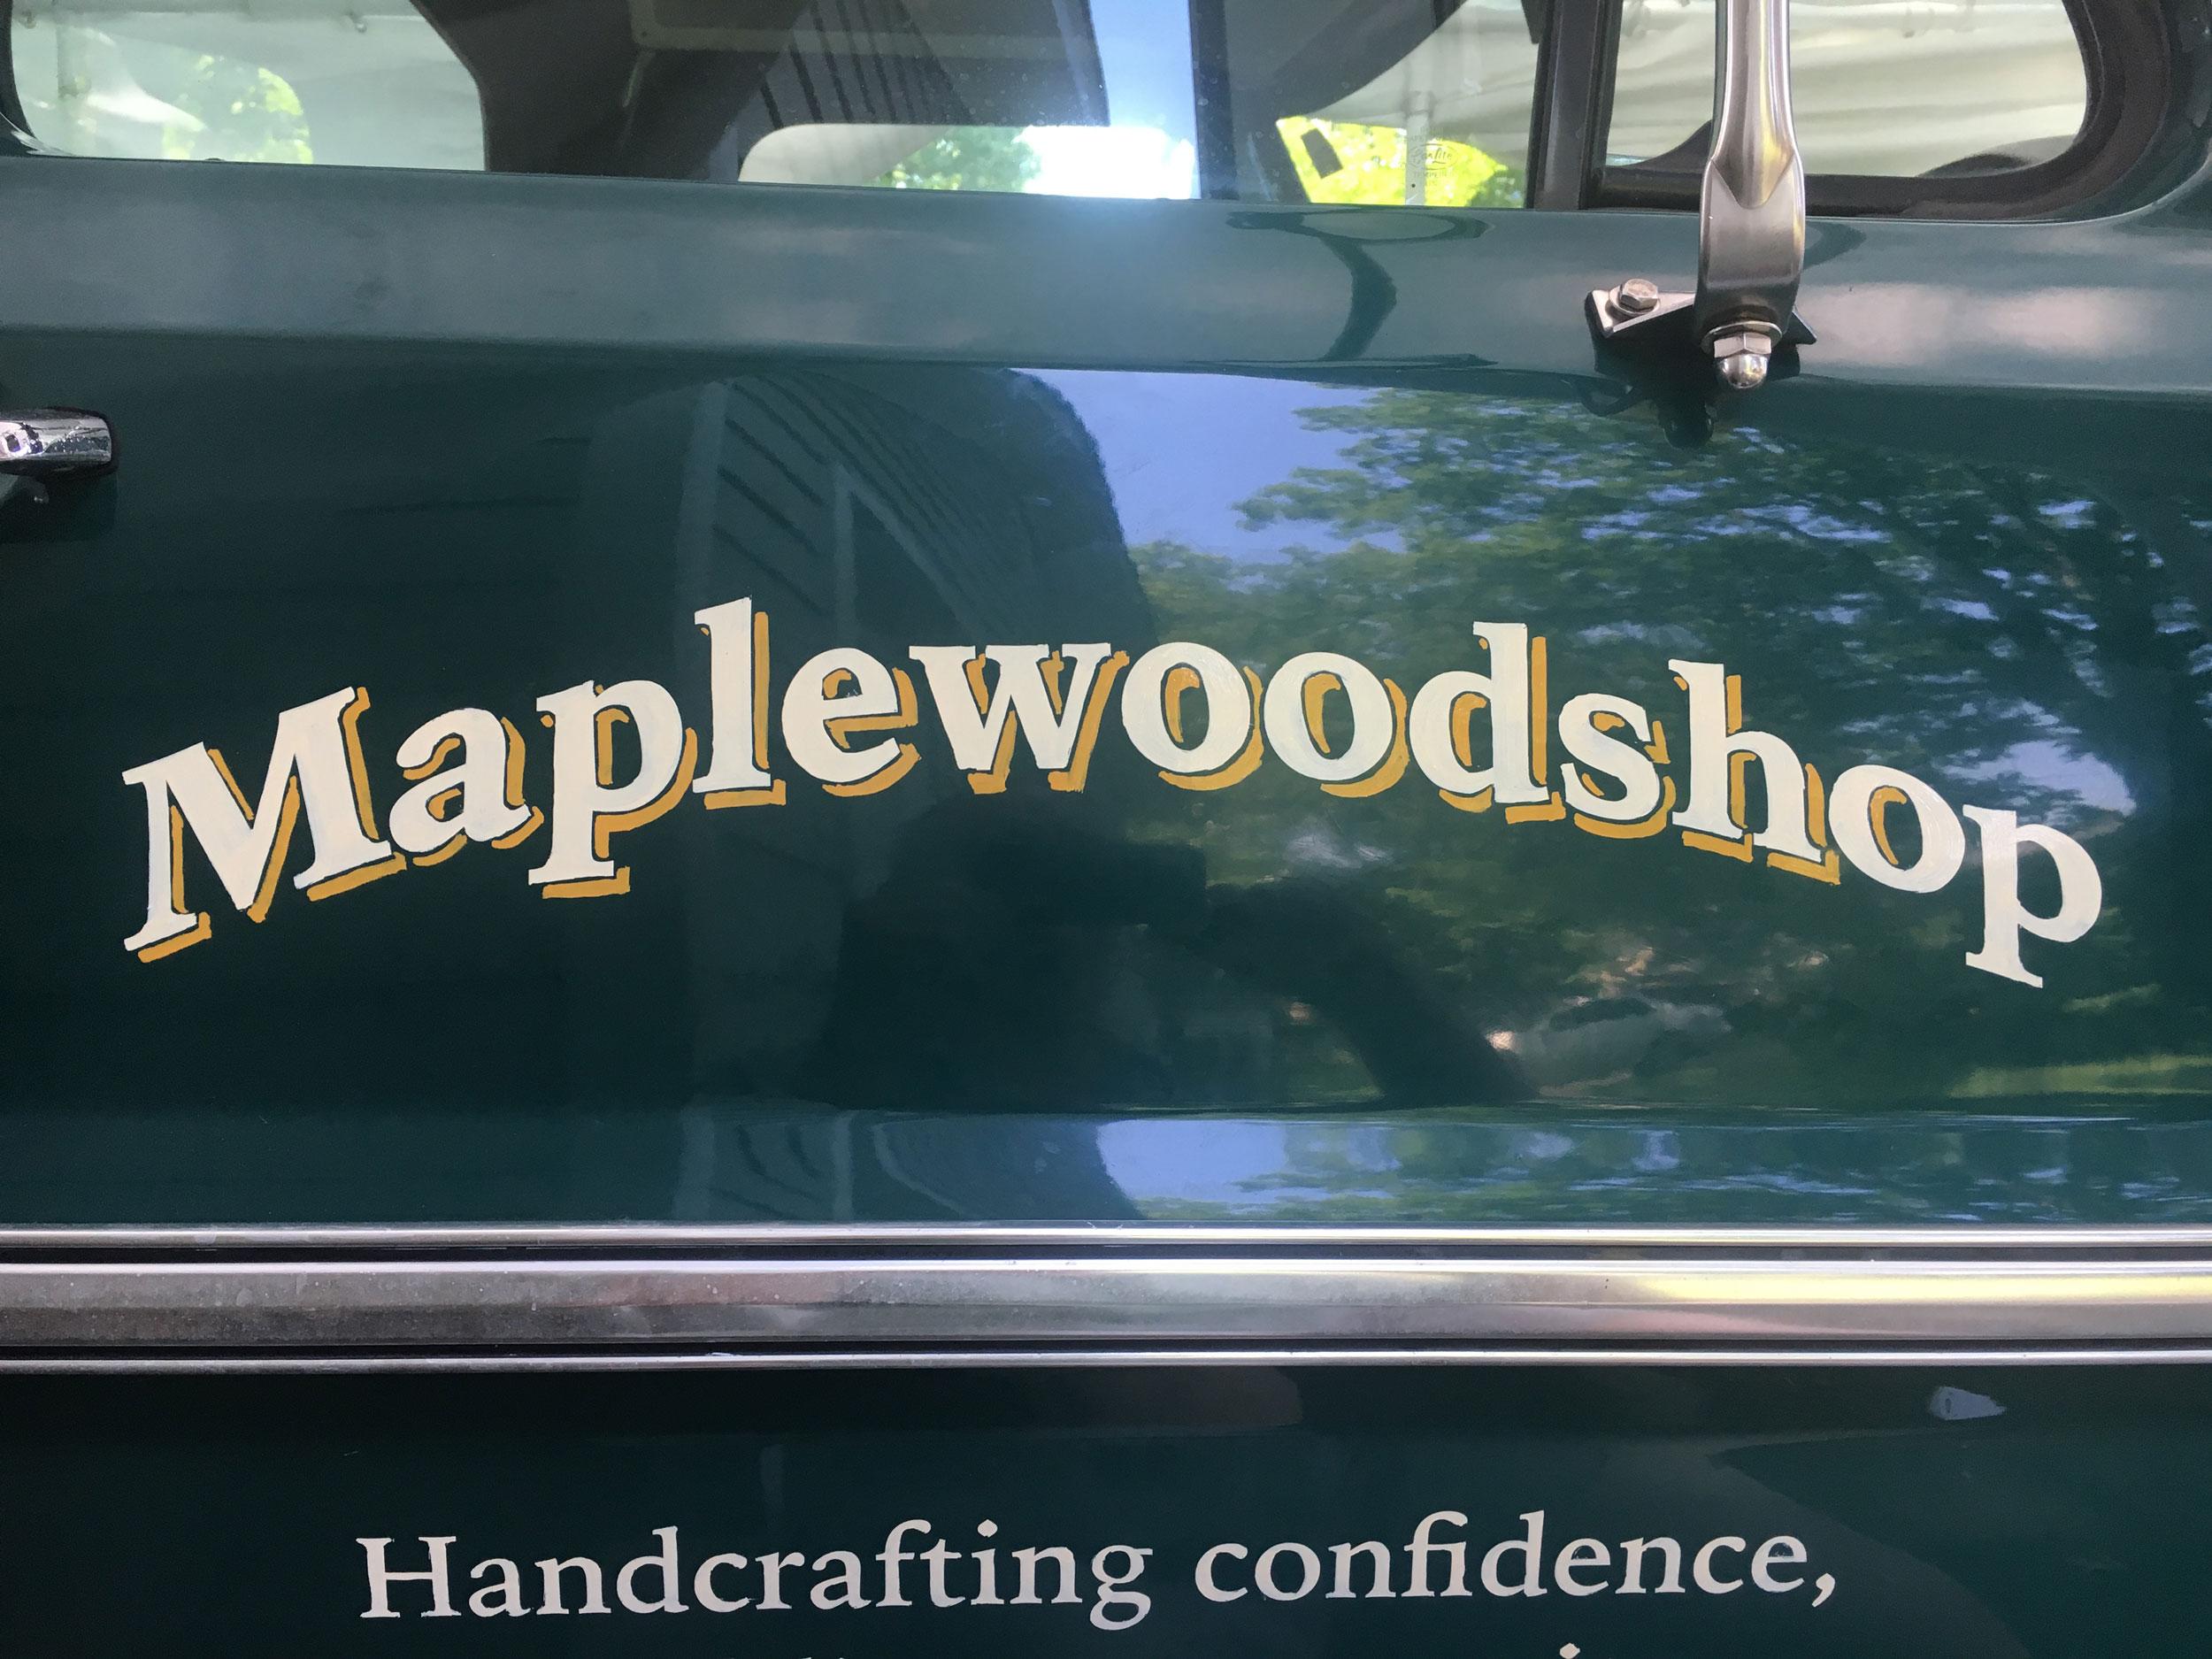 Maplewoodshop Truck